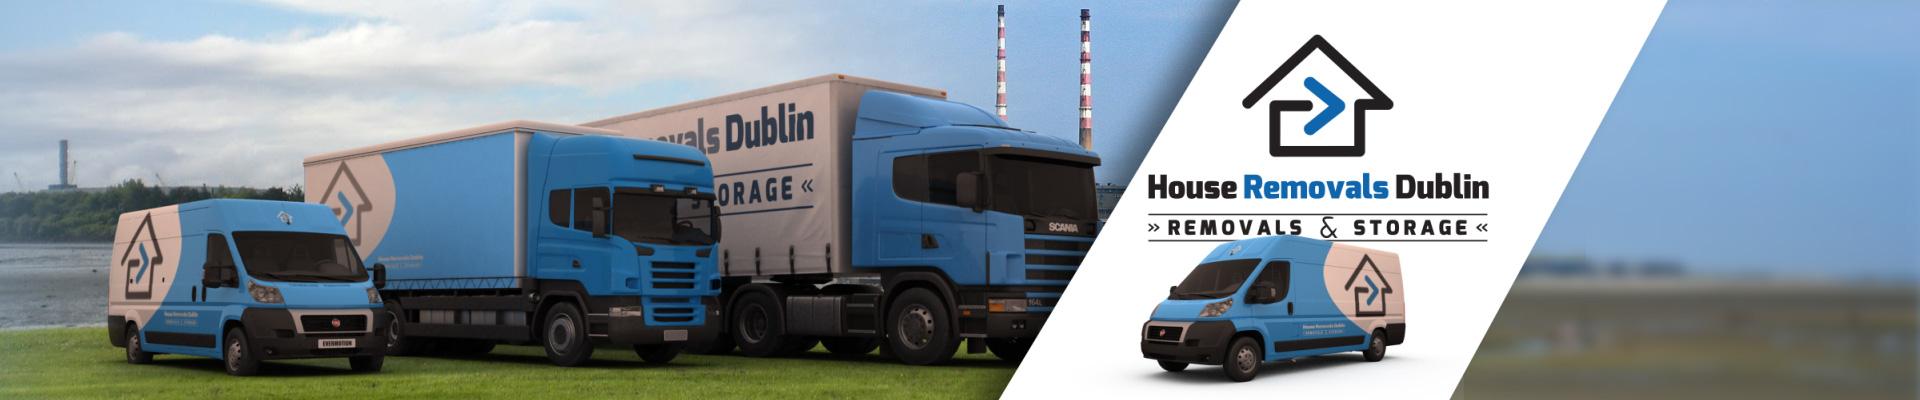 dublin-house-removal-company